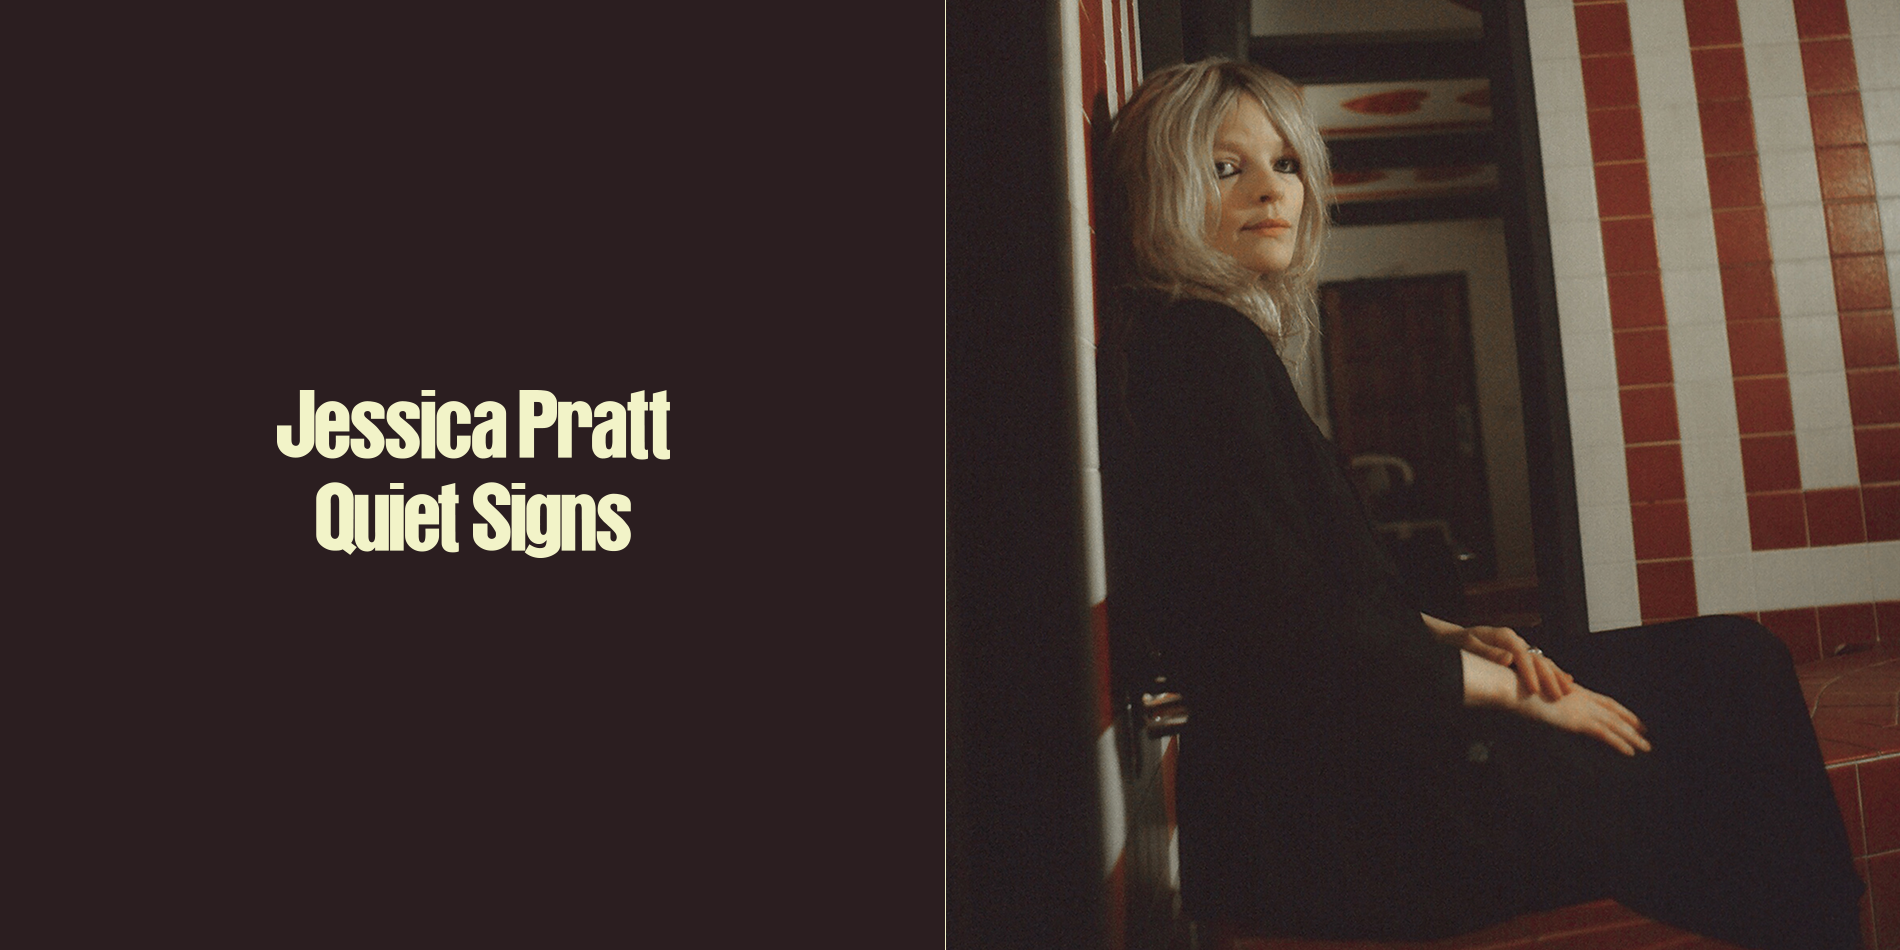 Jessica Pratt Quiet Signs Announce Image